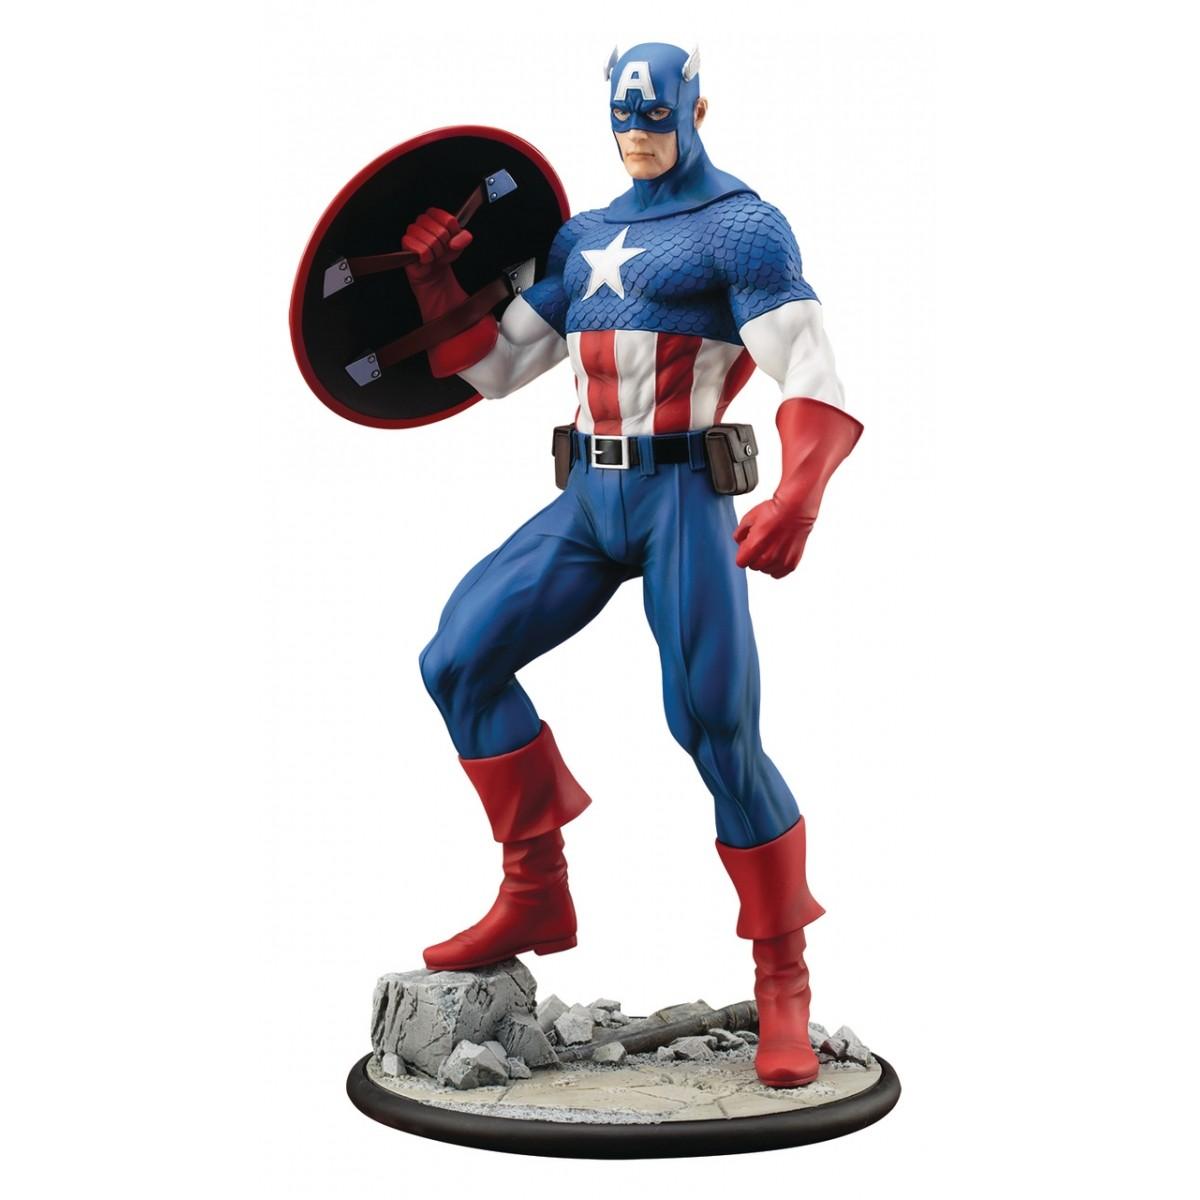 EM BREVE: Estátua Capitão América: Marvel Comics Modern Myth Artfx Statue Escala 1/6 - Kotobukiya